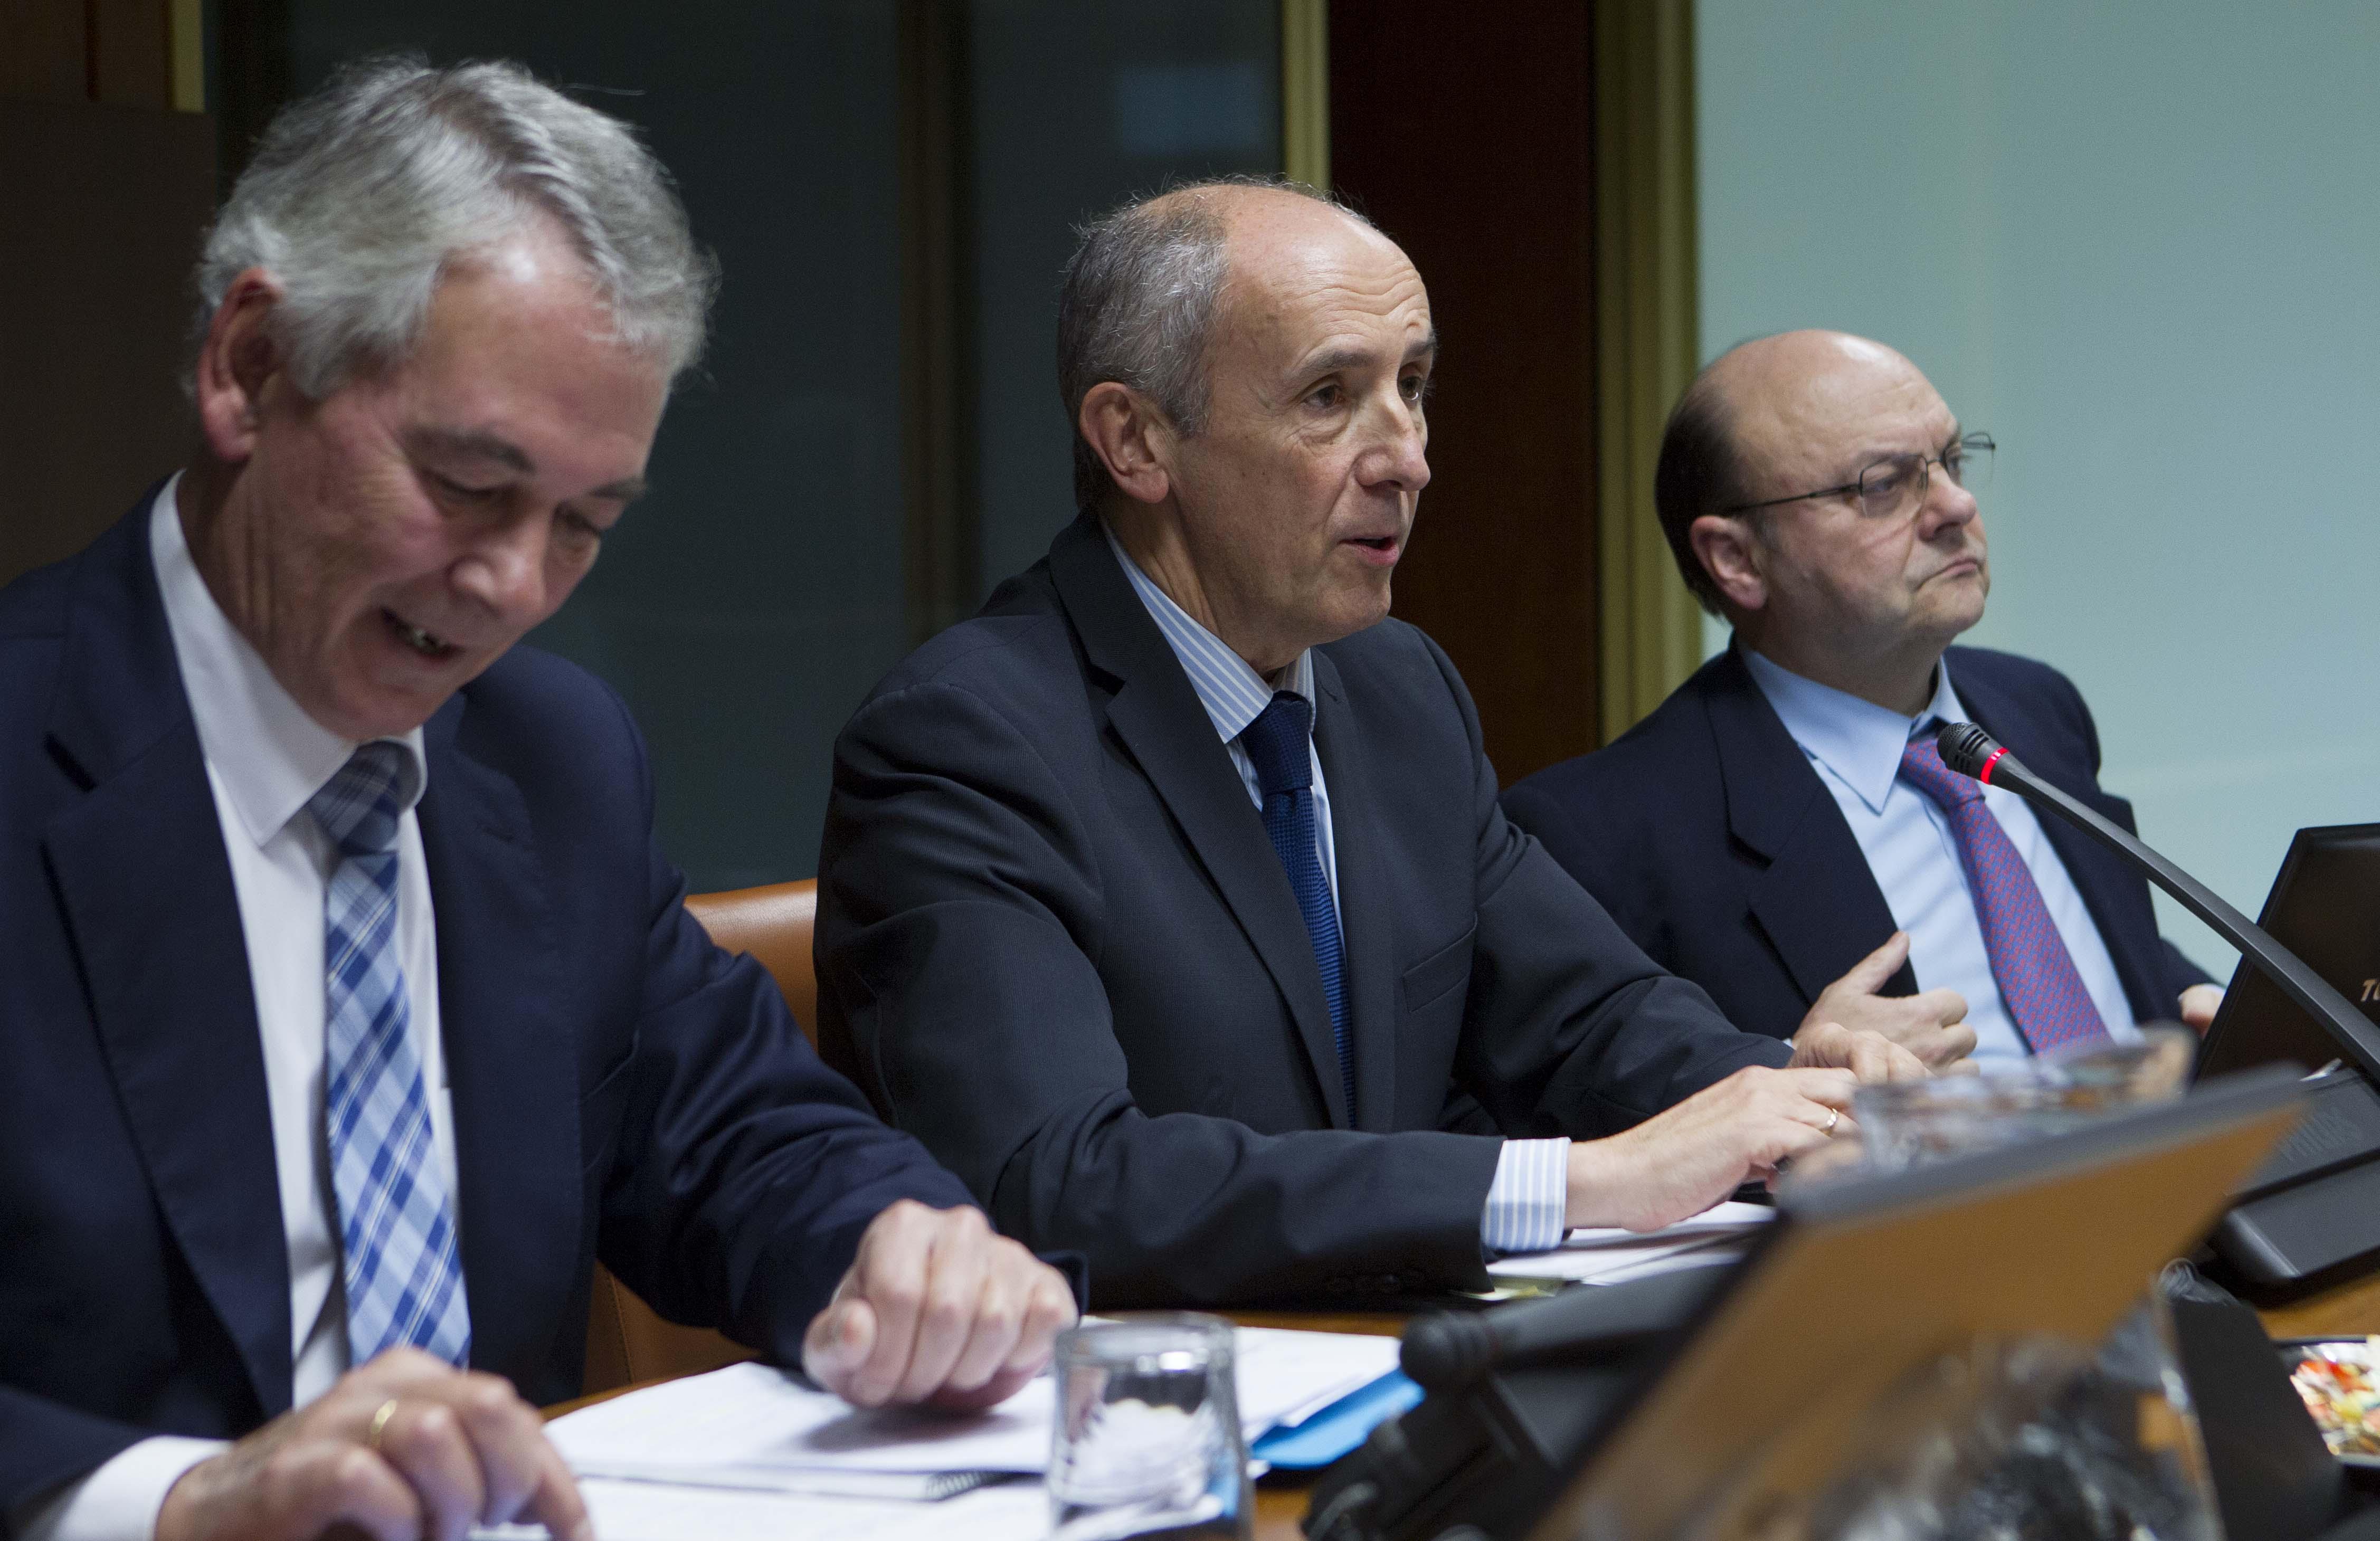 presupuestos_gobernanza_02.jpg